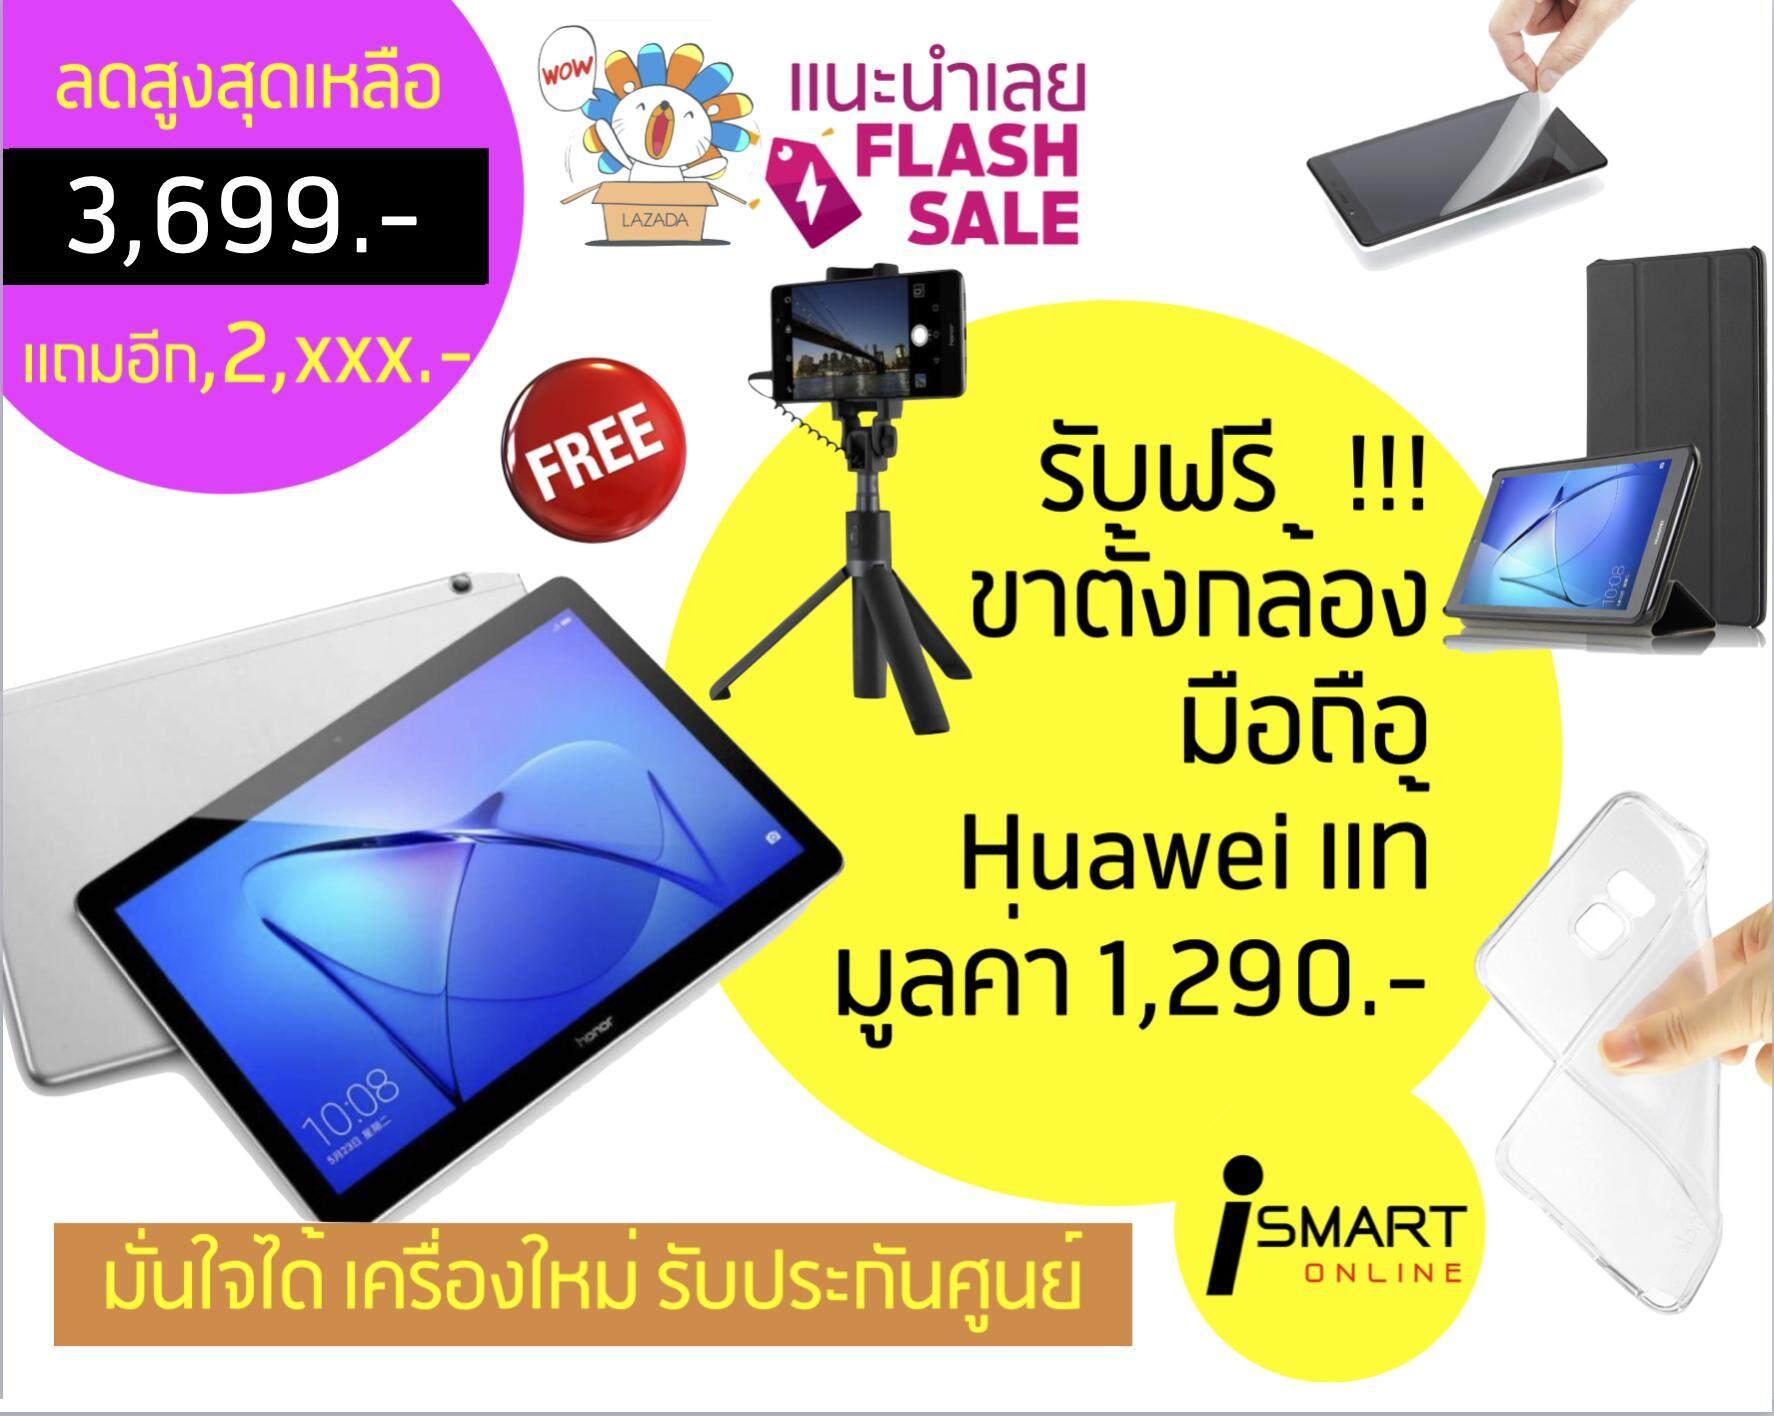 Huawei mediapad T3 แท้ศูนย์ ลดเหลือ 3,699 บาท เพียงกดโค๊ต ismart10 แถมอีก 2,xxx.- รับฟรีเคสแท้ มูลค่า 990 บาท+ฟิล์มแท้+ขาตั้งกล้องพร้อมไม้เซลฟี่ในตัว มูลค่า 1290.-